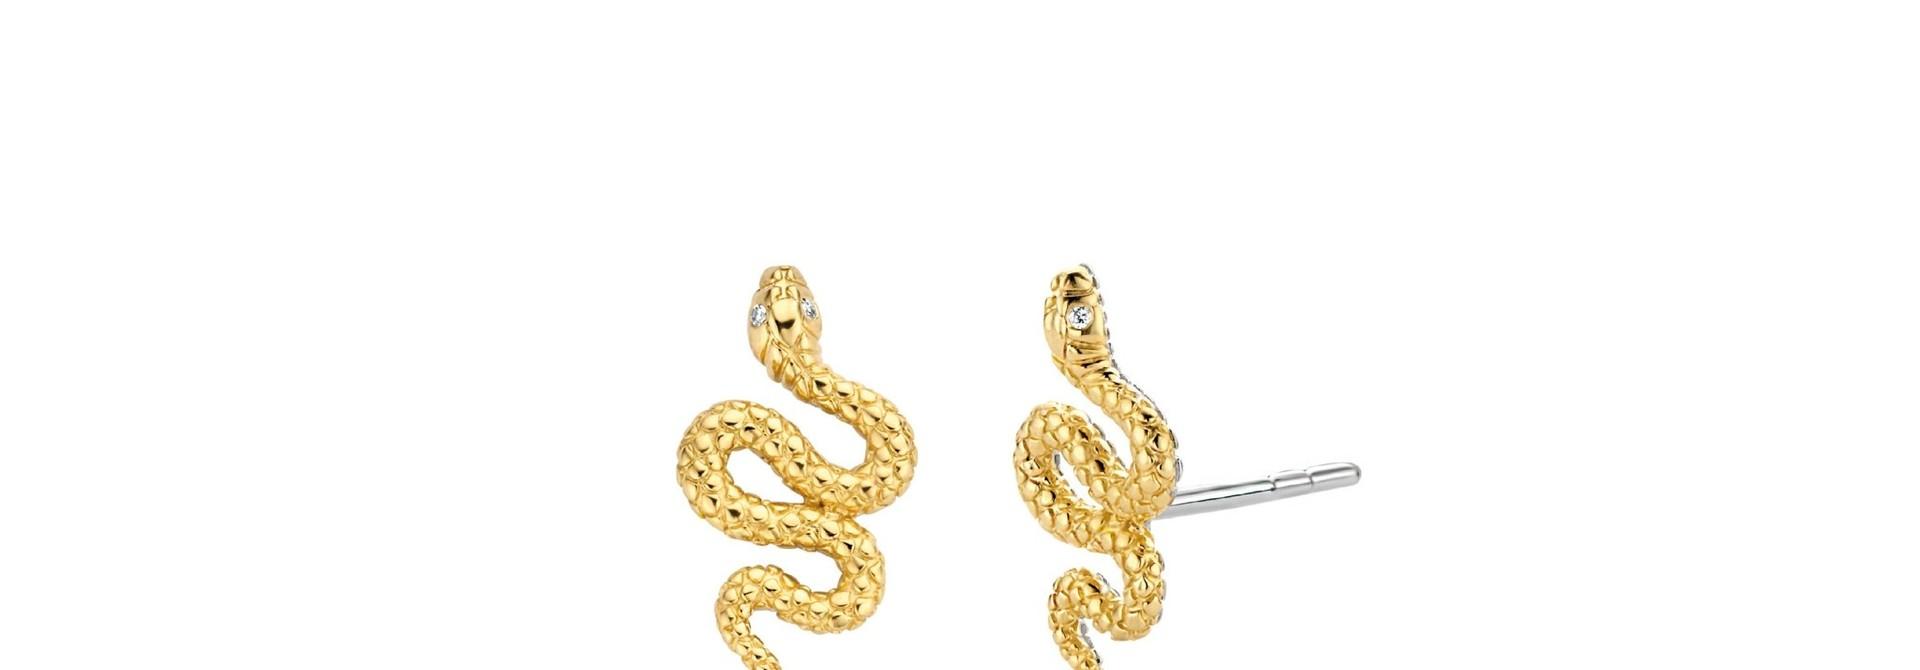 TI SENTO - Milano Earrings 7826SY